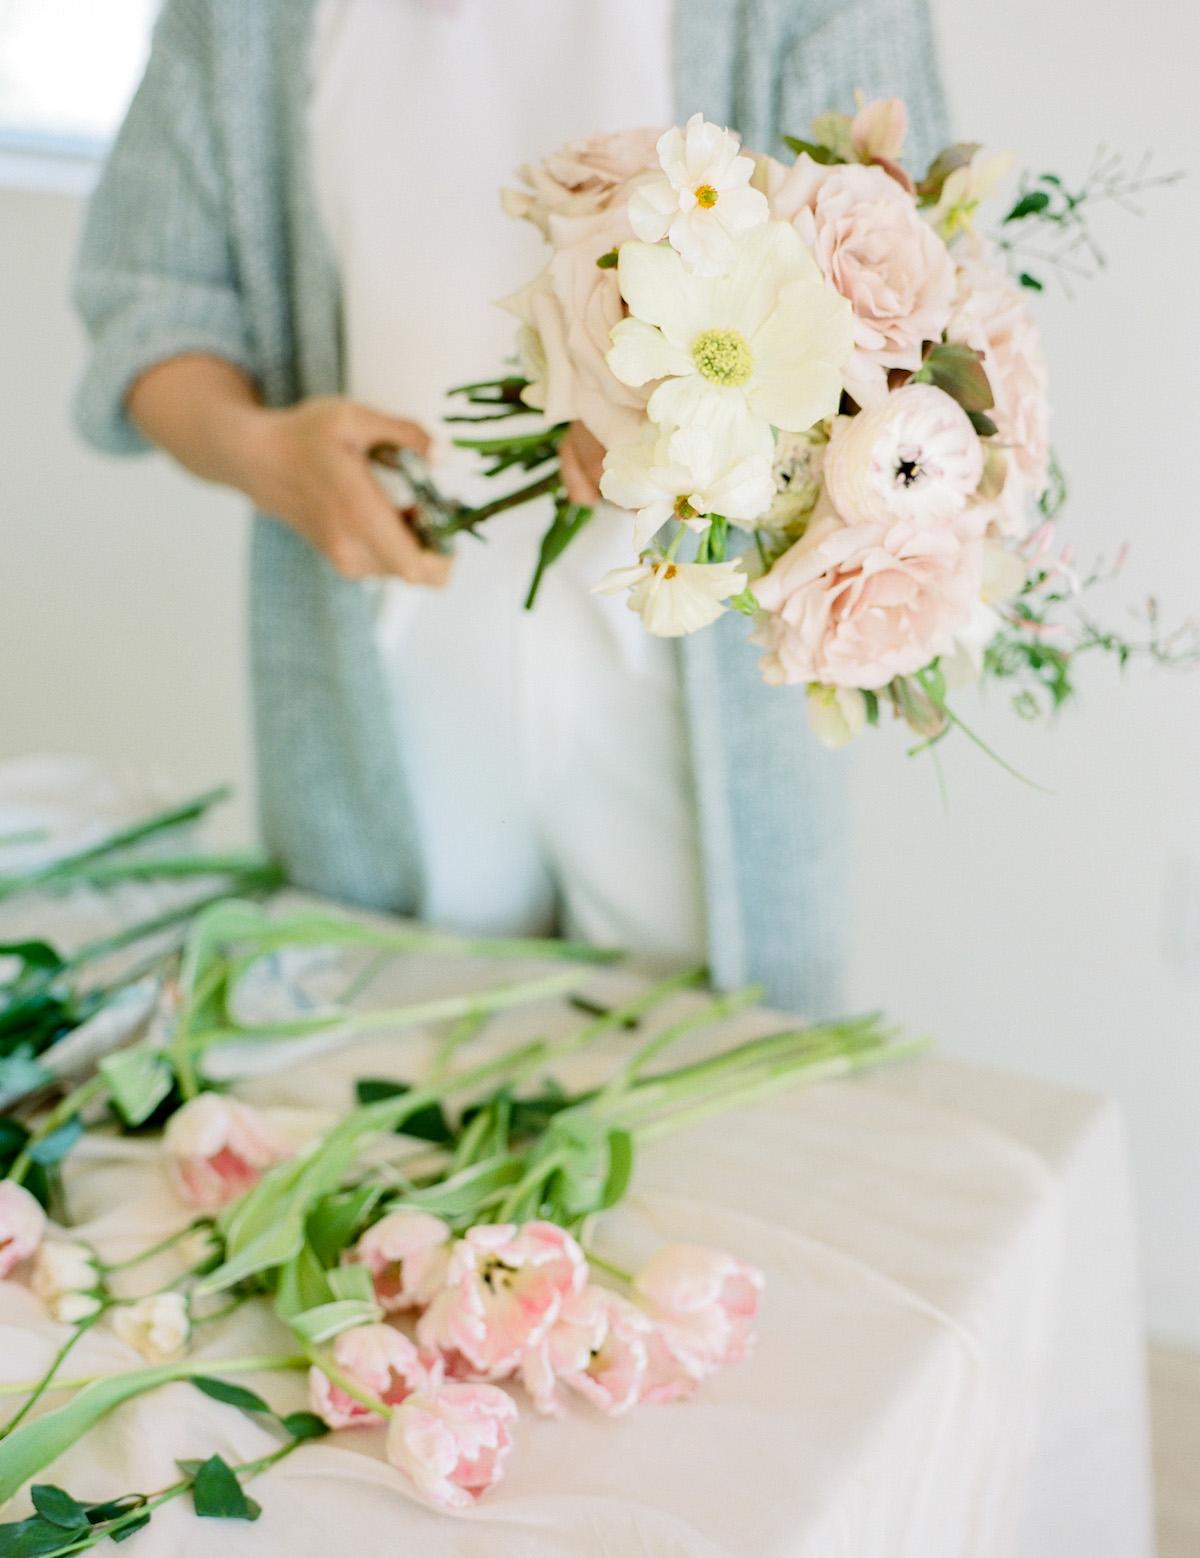 olea-and-fig-blooming-wed-brand-shoot-41.jpg